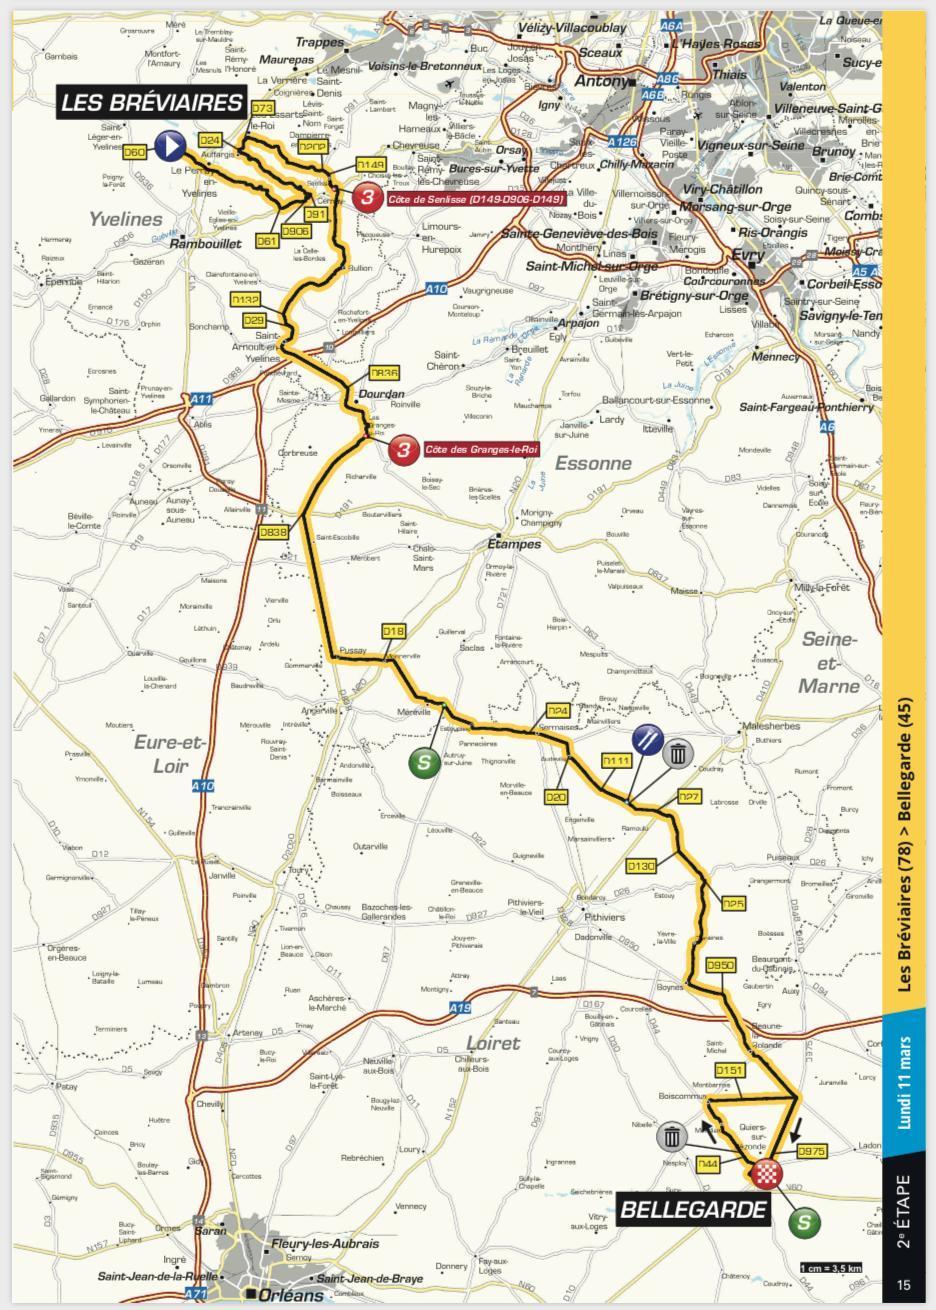 Paris Nice 2019 Stage 2 Preview Ciclismo Internacional